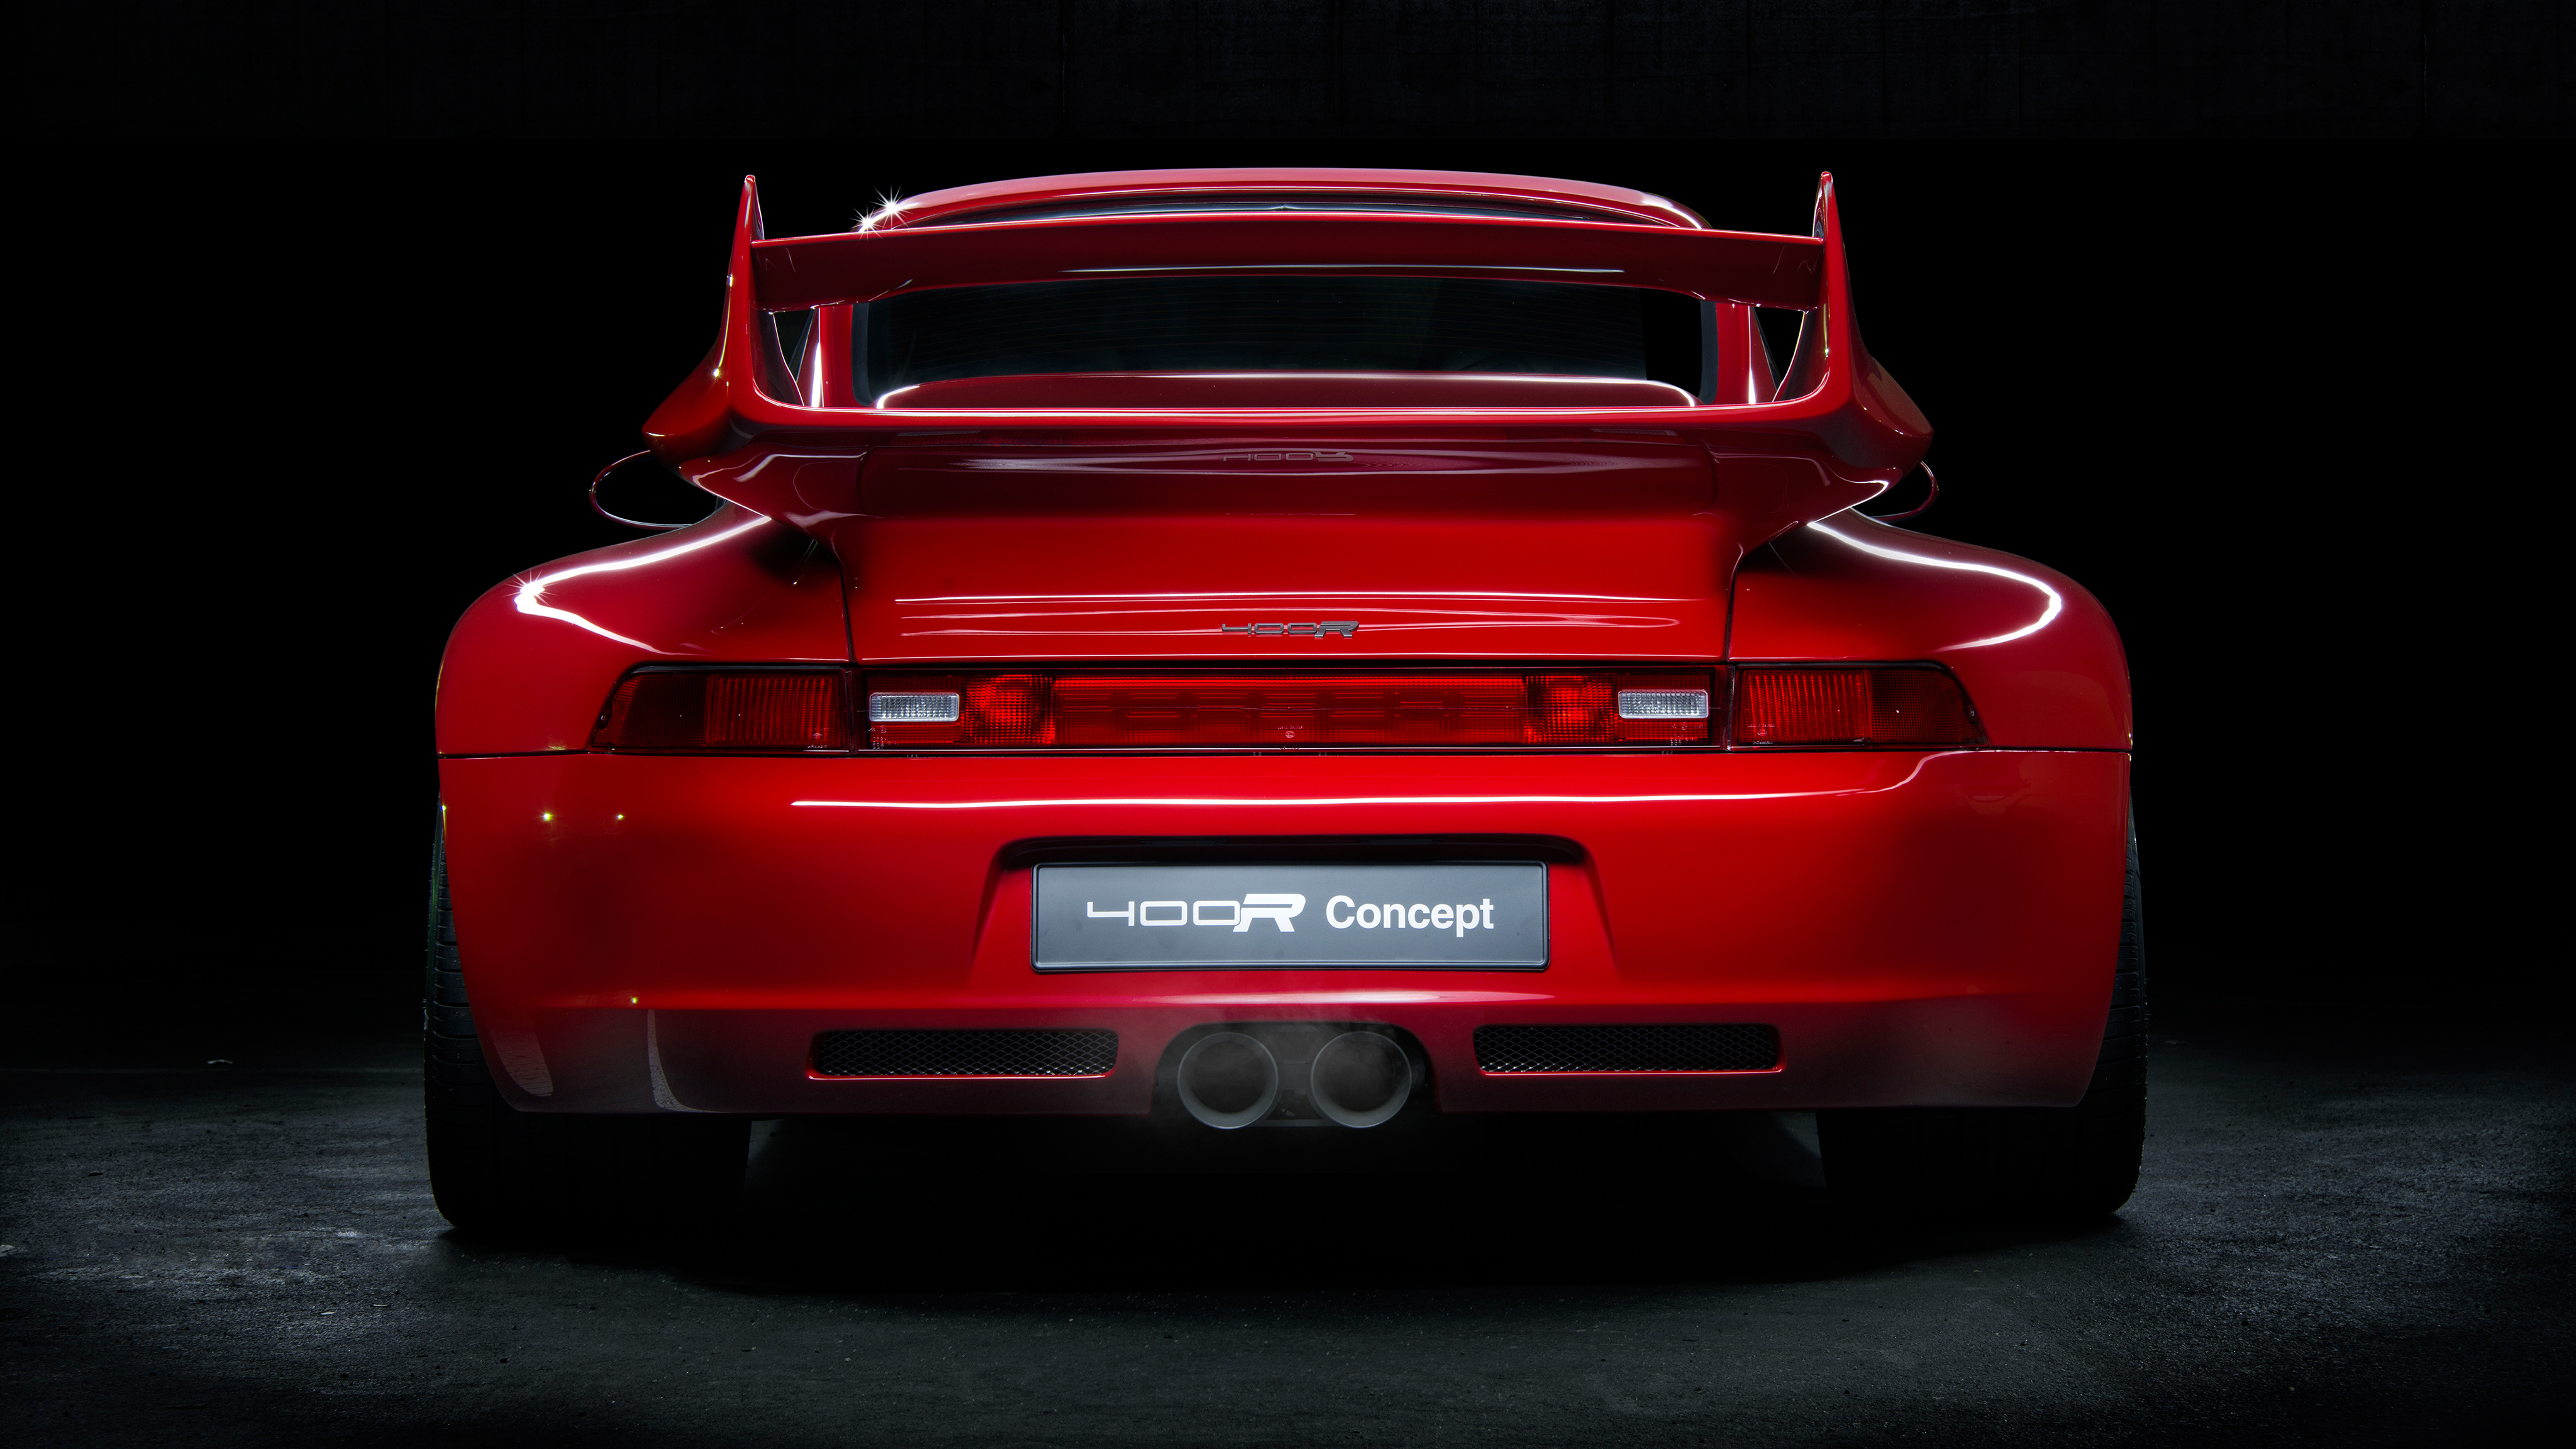 Gunther Werks 400r Porsche 993 4k Wallpaper Hd Car Wallpapers Id 9024